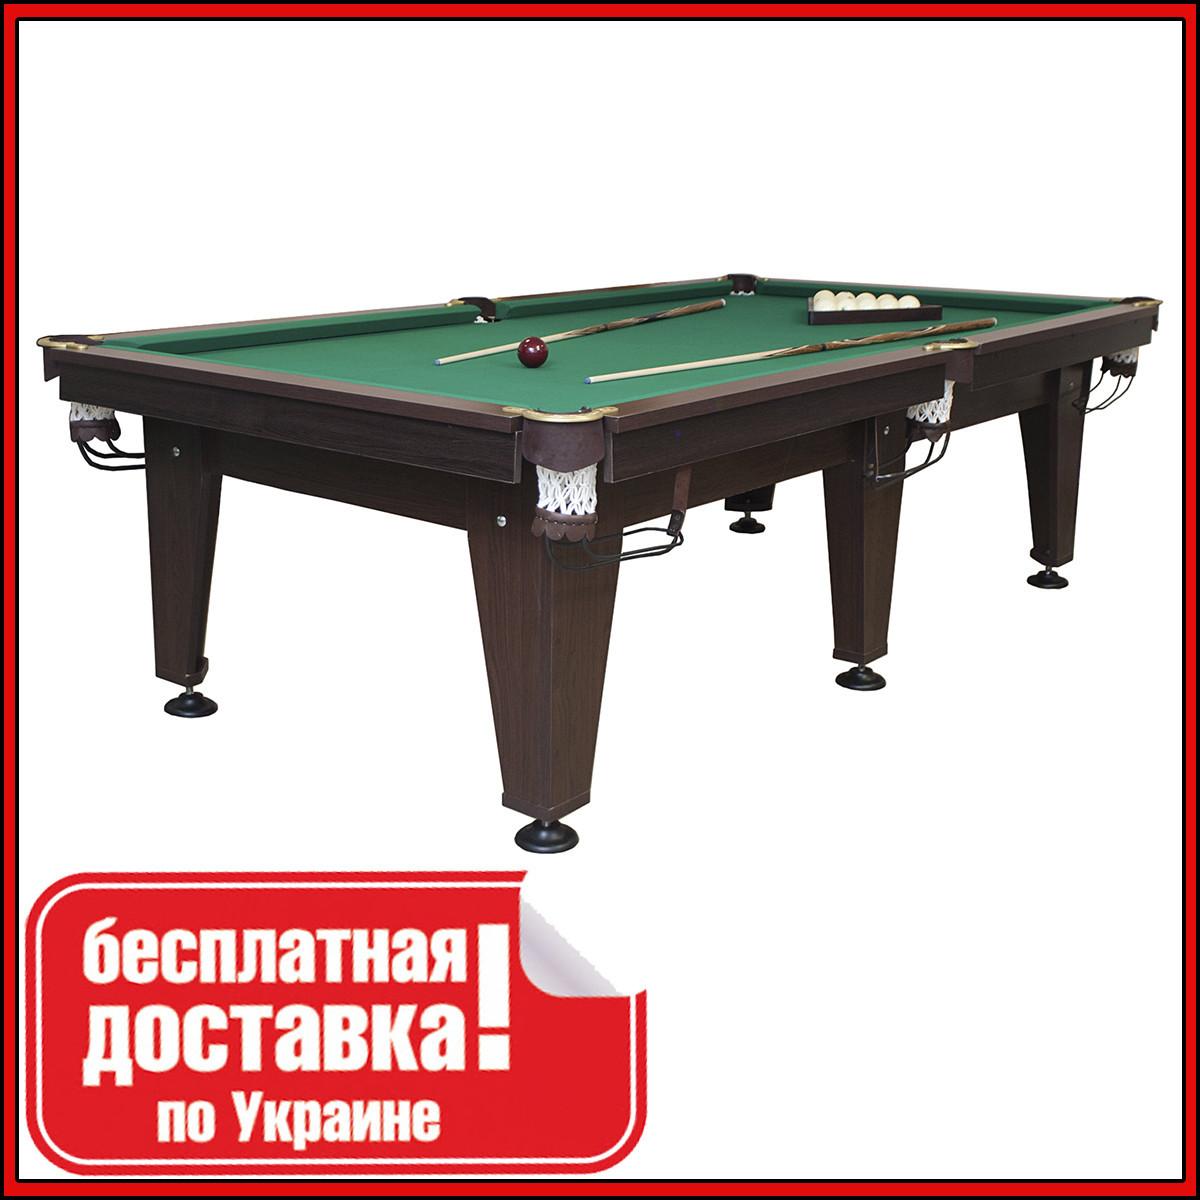 Більярдний стіл для пулу ОСКАР 6 футів ЛДСП 1.8 м х 0.9 м з натурального дерева